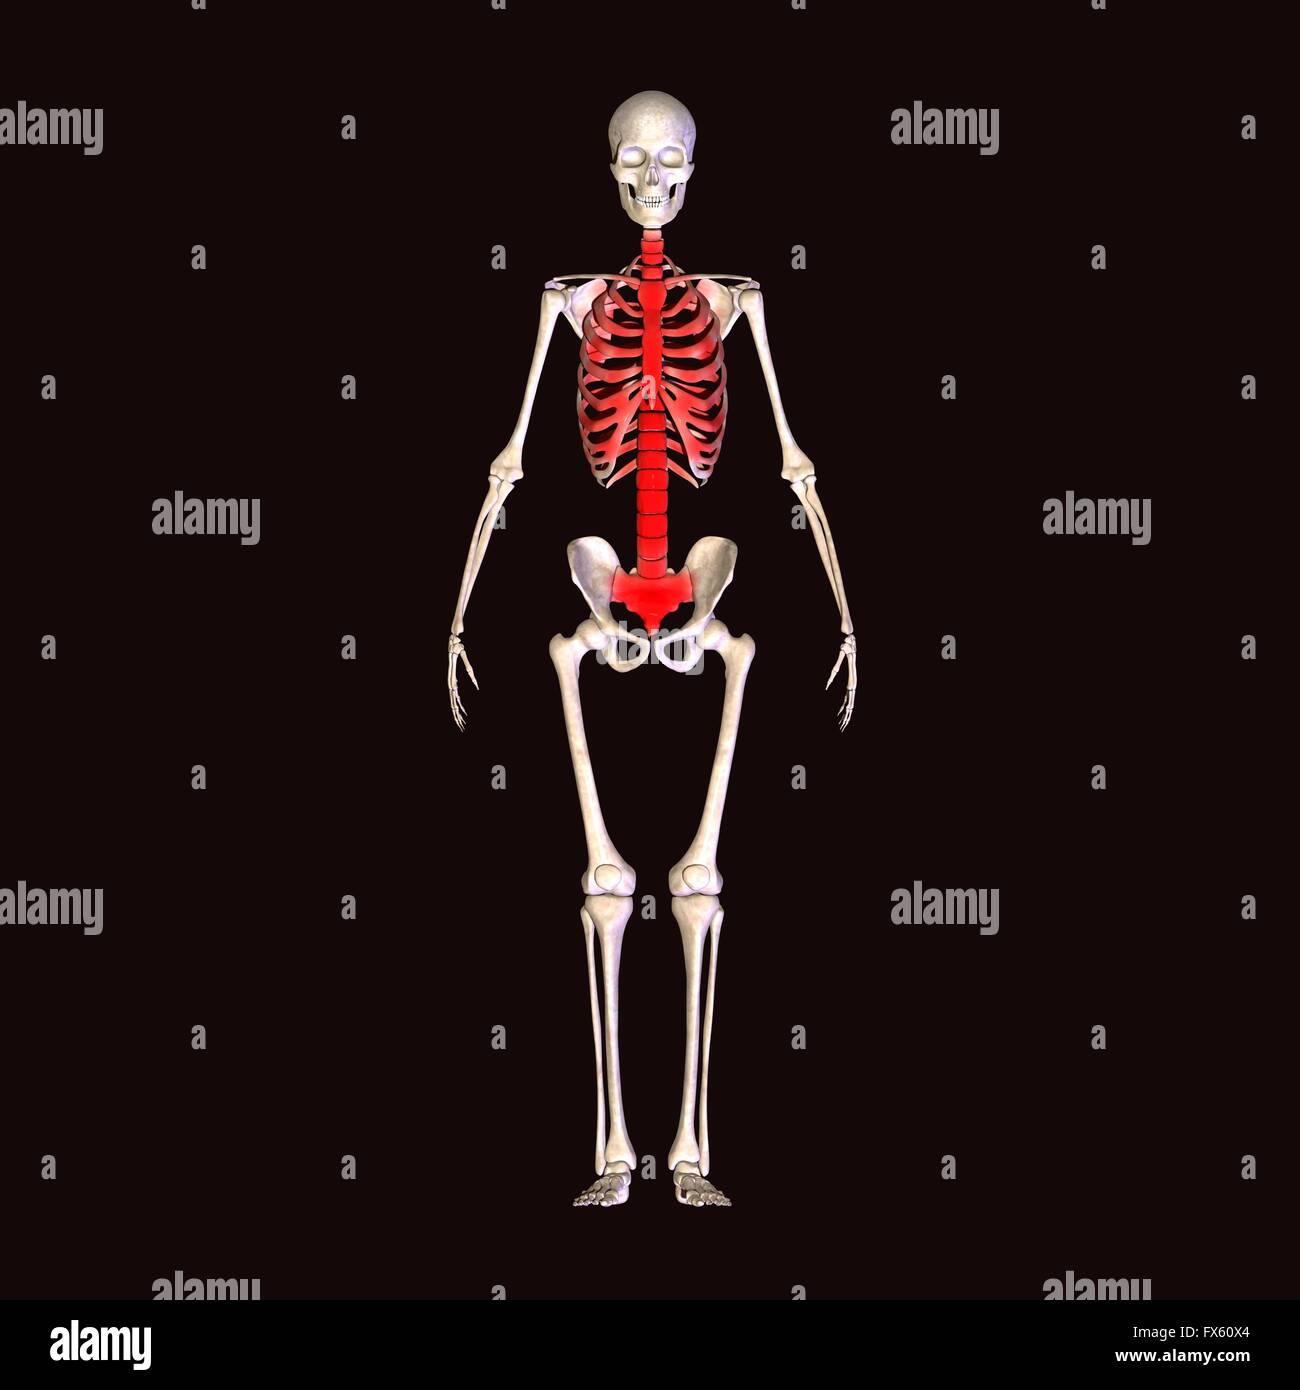 Körper, voll, Mensch, Skelett, Anatomie, Medizin, Strahl, 3d ...